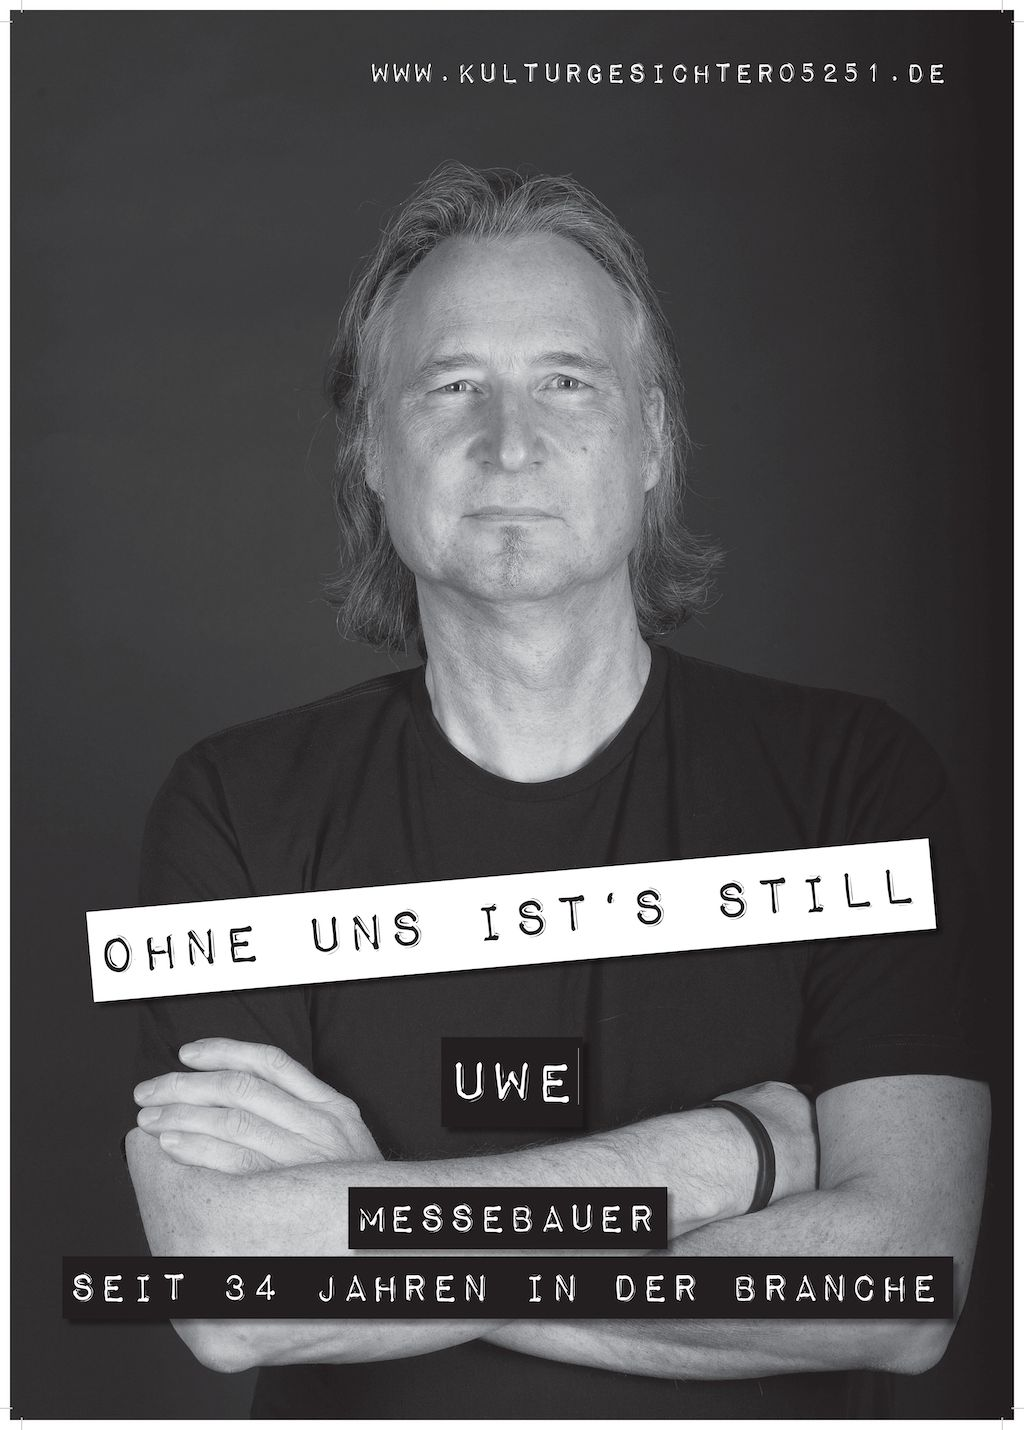 kulturgesichter-uwe-f